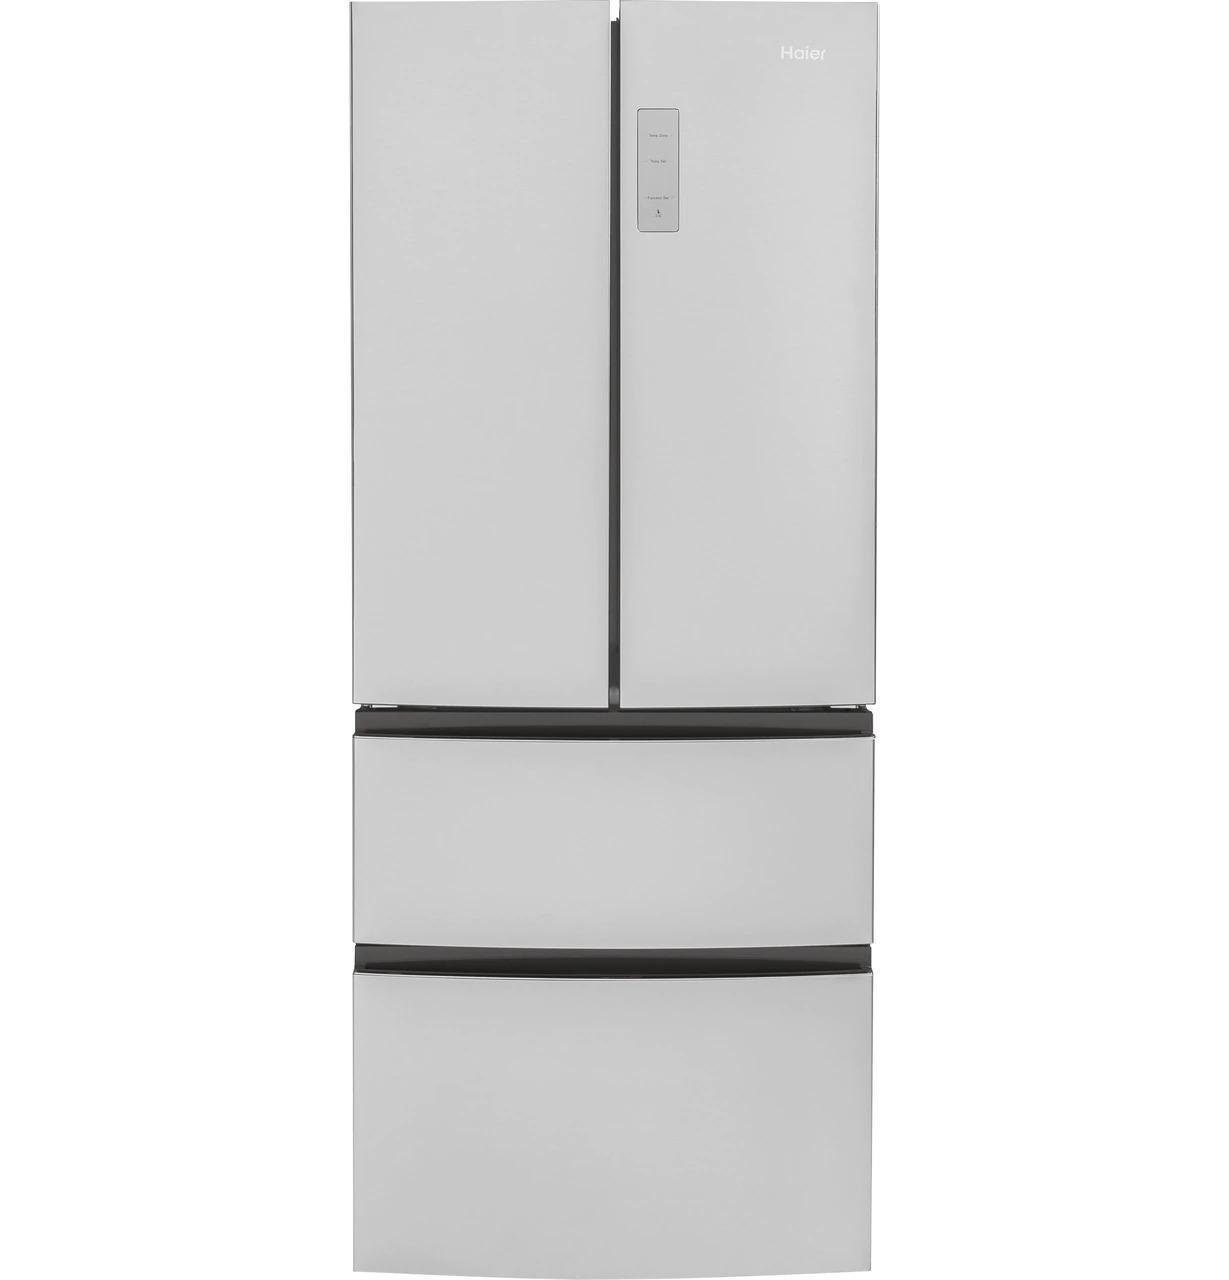 Haier French Door Refrigerators